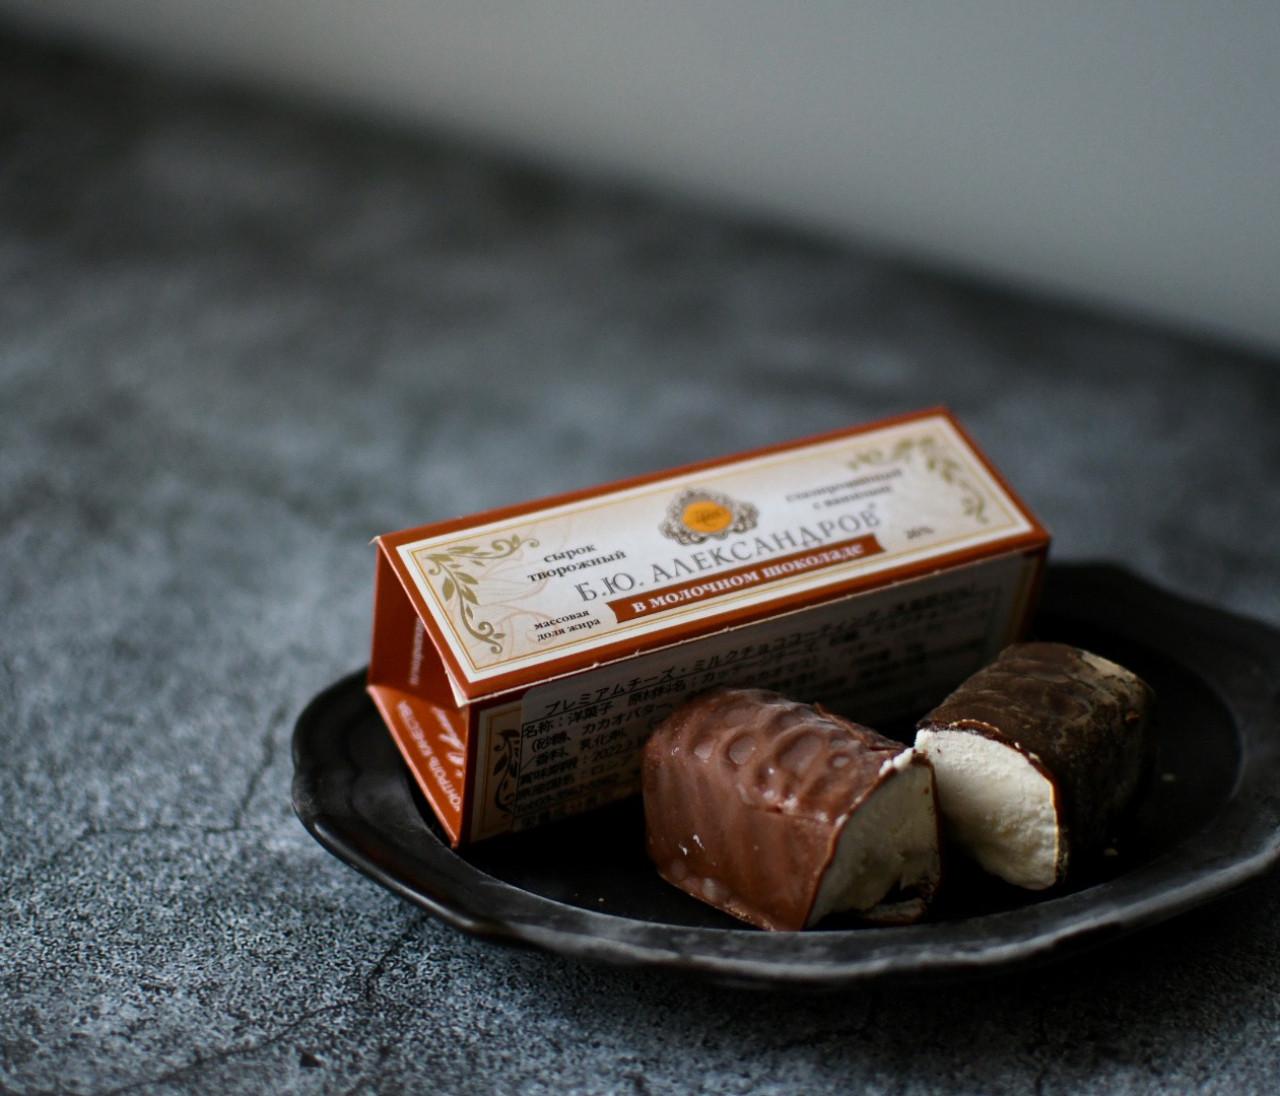 【カルディおすすめ】マリトッツォに続く神スイーツはコレ! 新感覚のチーズケーキ「ロシア プレミアムチーズ」【元フードバイヤーmanamiのコスパなグルメ&スイーツ】